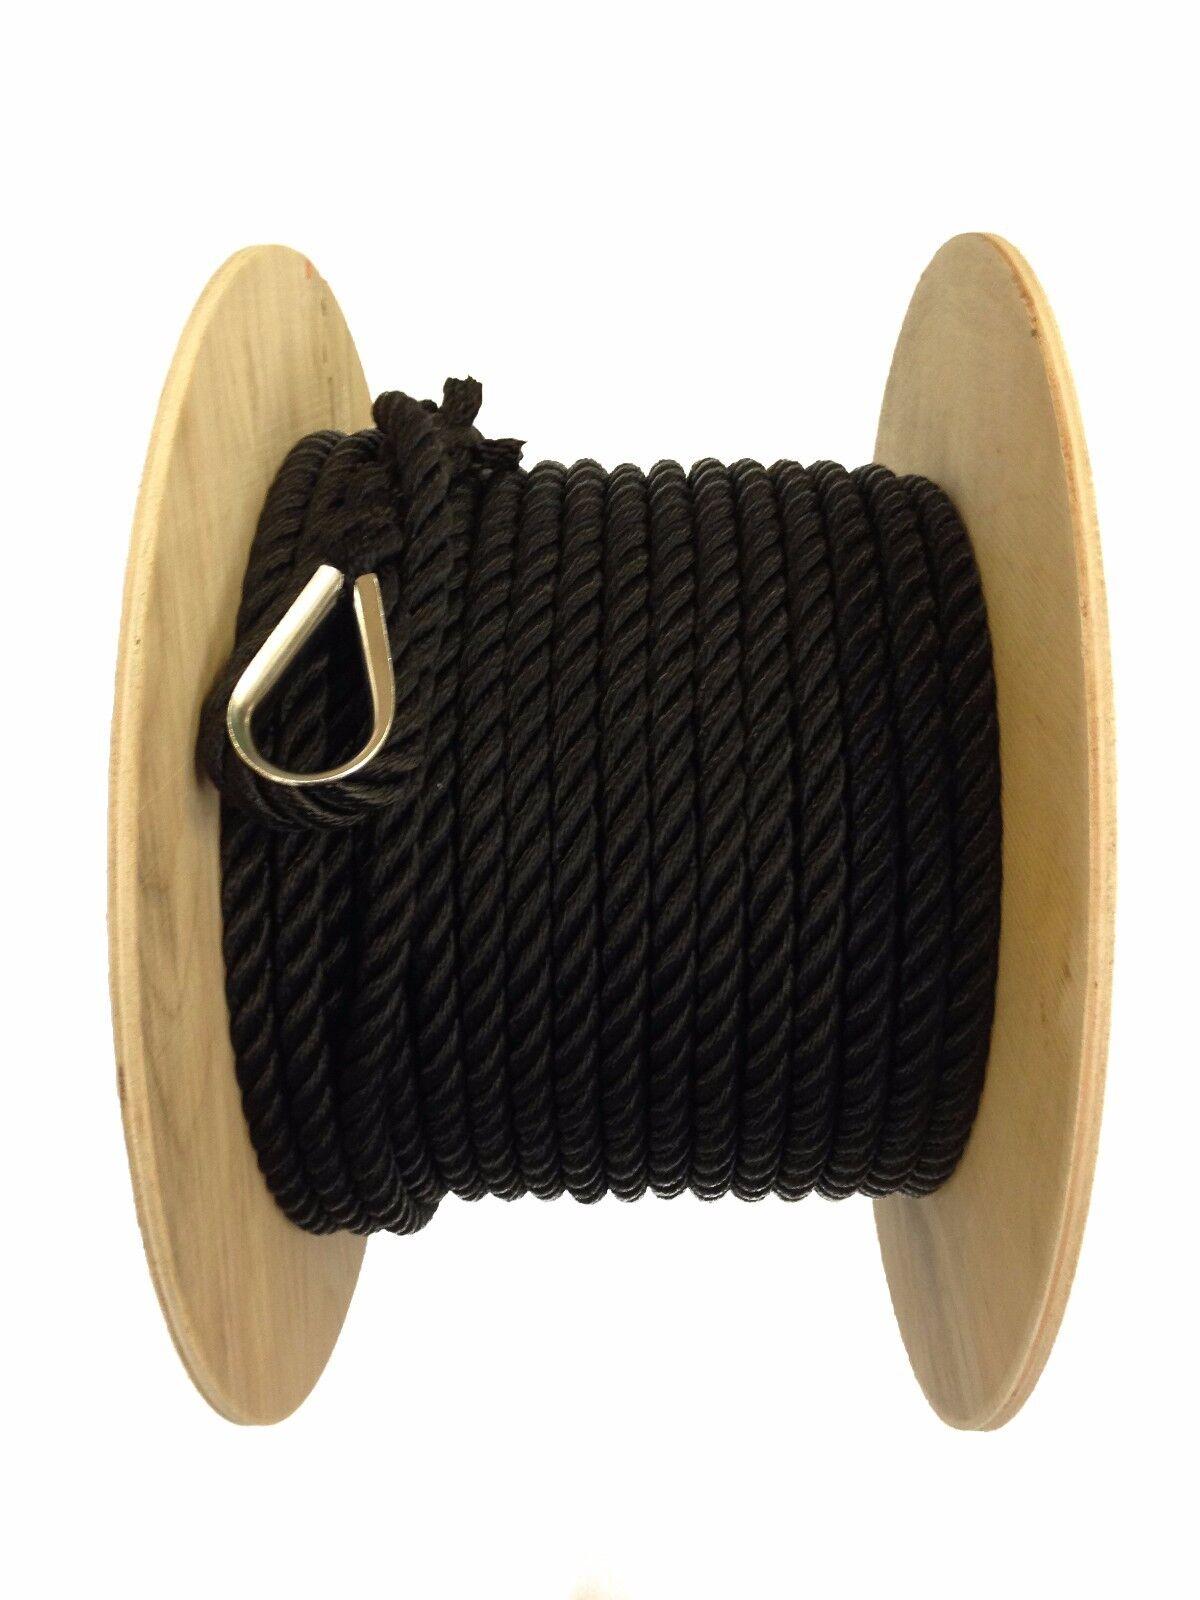 NEU 30 x 10 mm mm mm schwarz Nylon Liegeplatz Seil   Anker Seil   Stiefel Yacht Kanal e4cc03